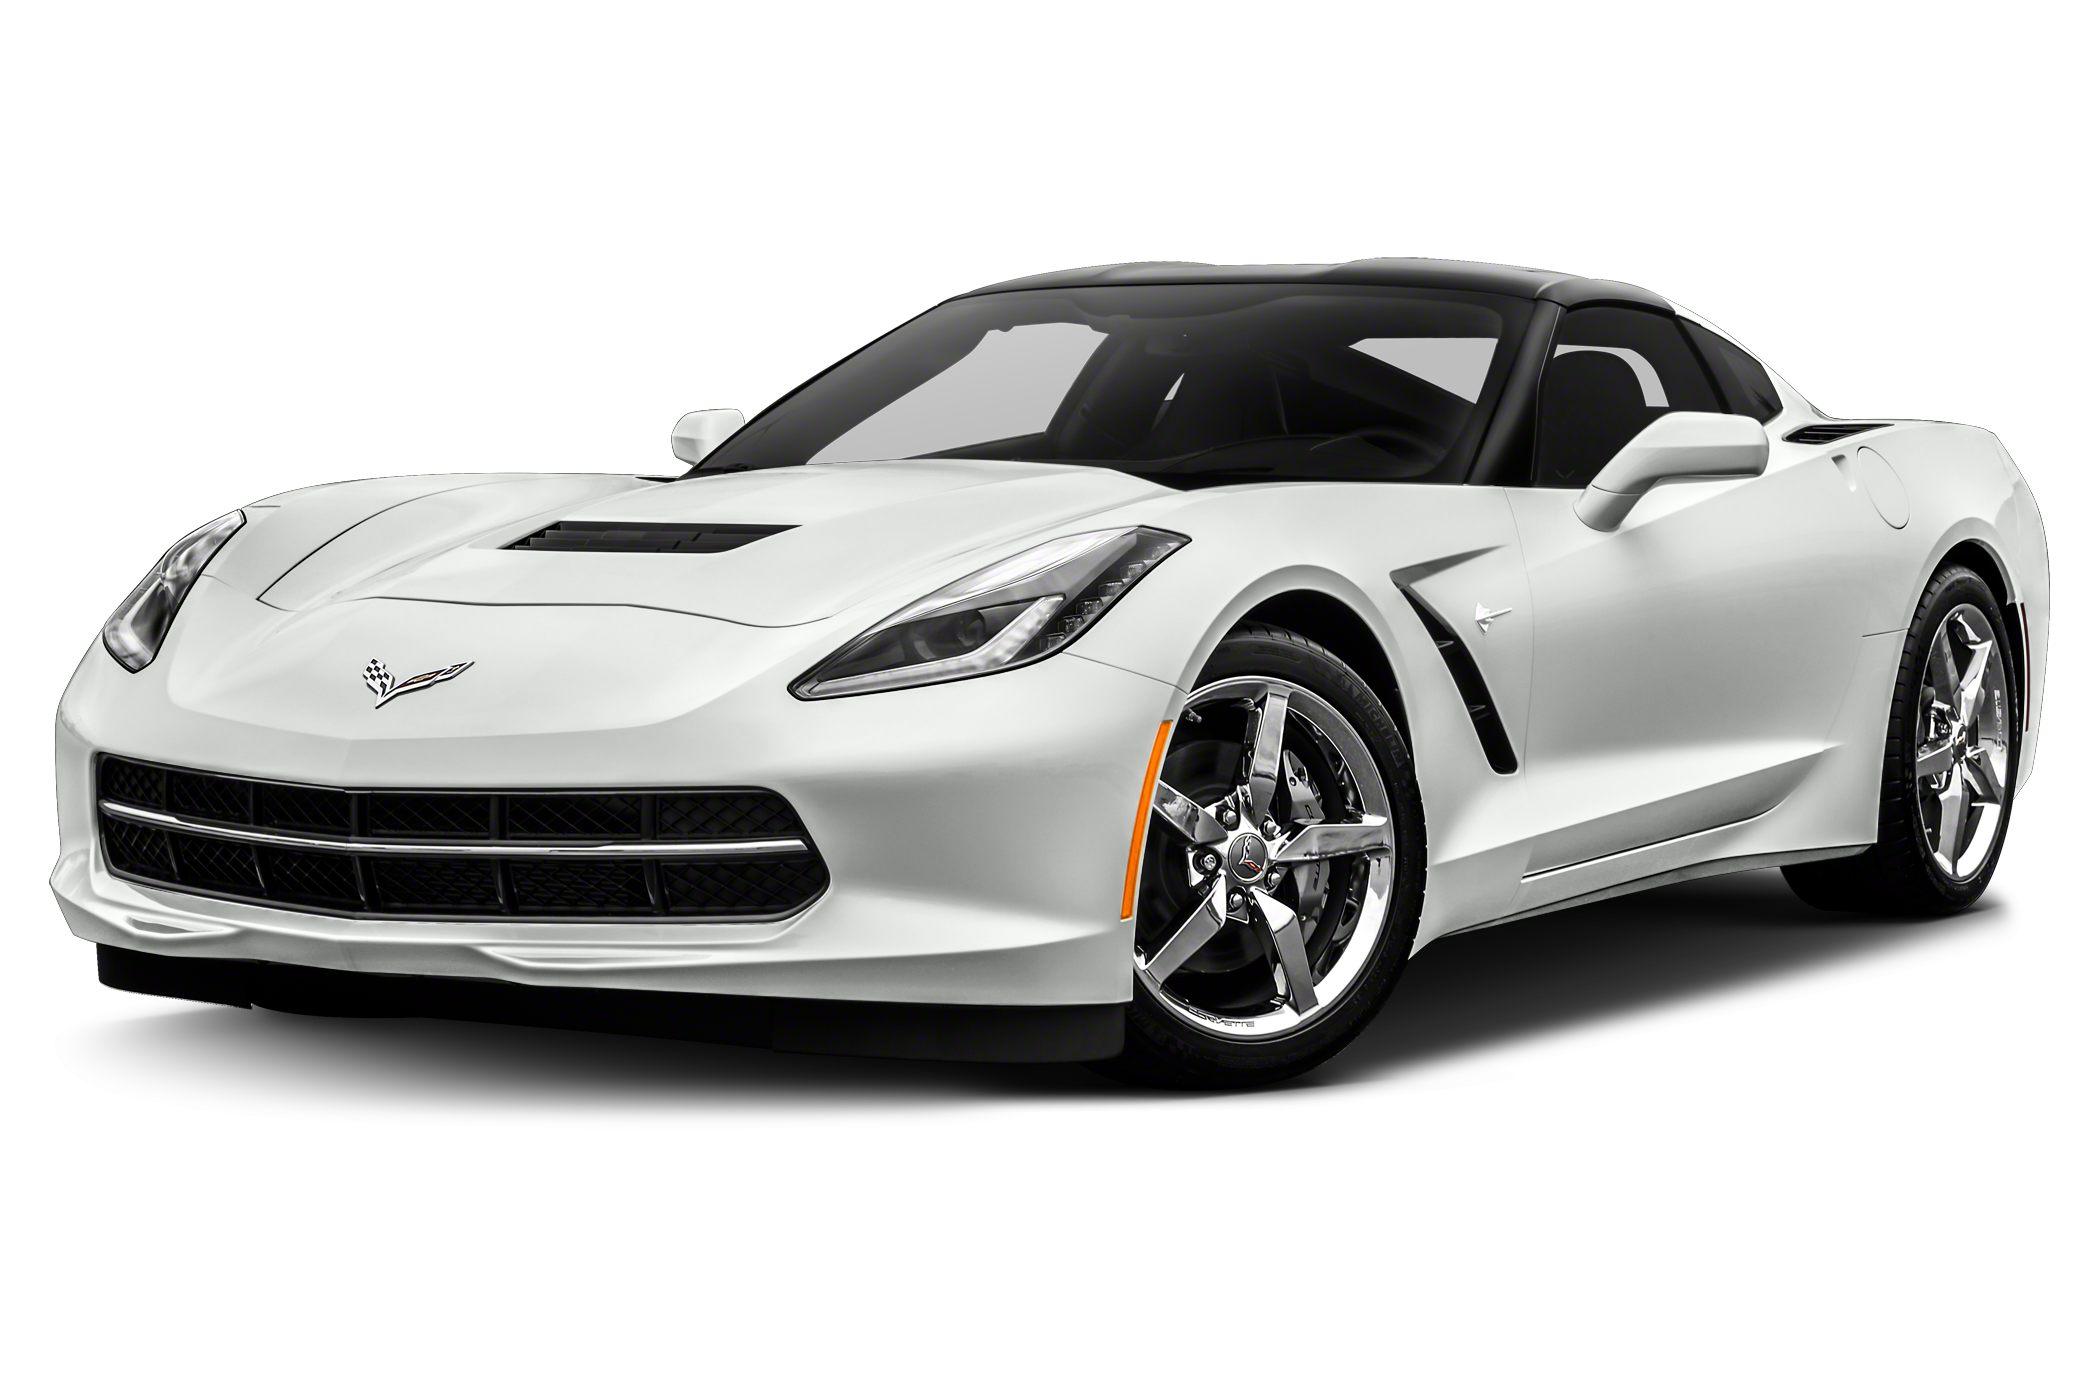 2017 corvette images